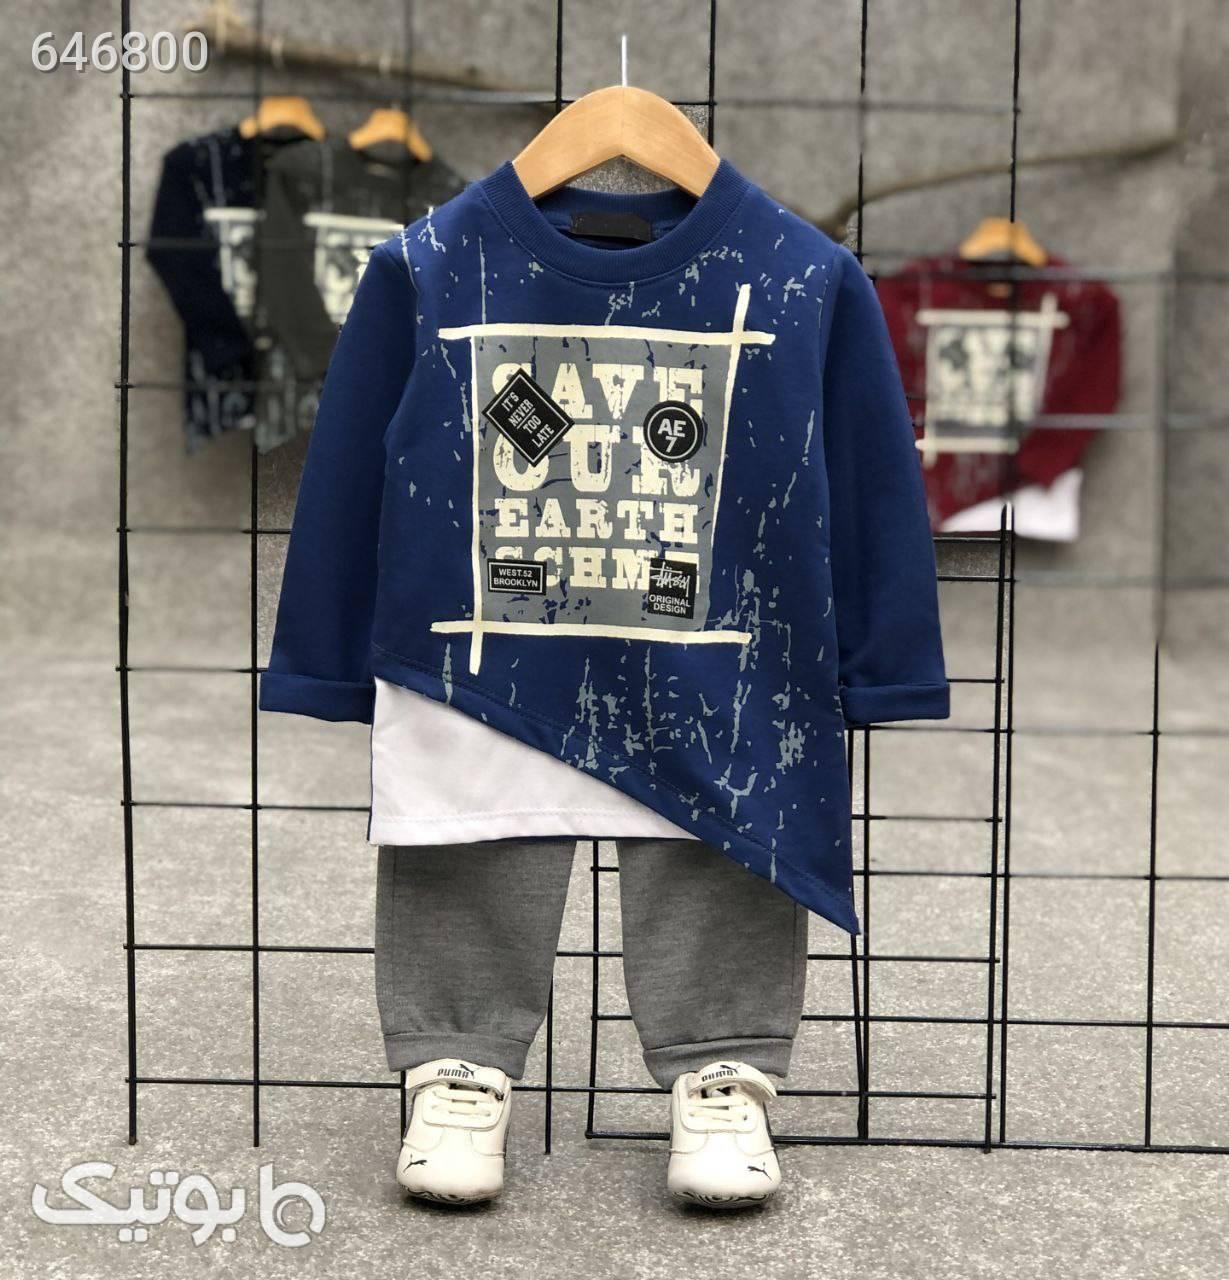 بلوز شلوار دورس مشکی لباس کودک پسرانه